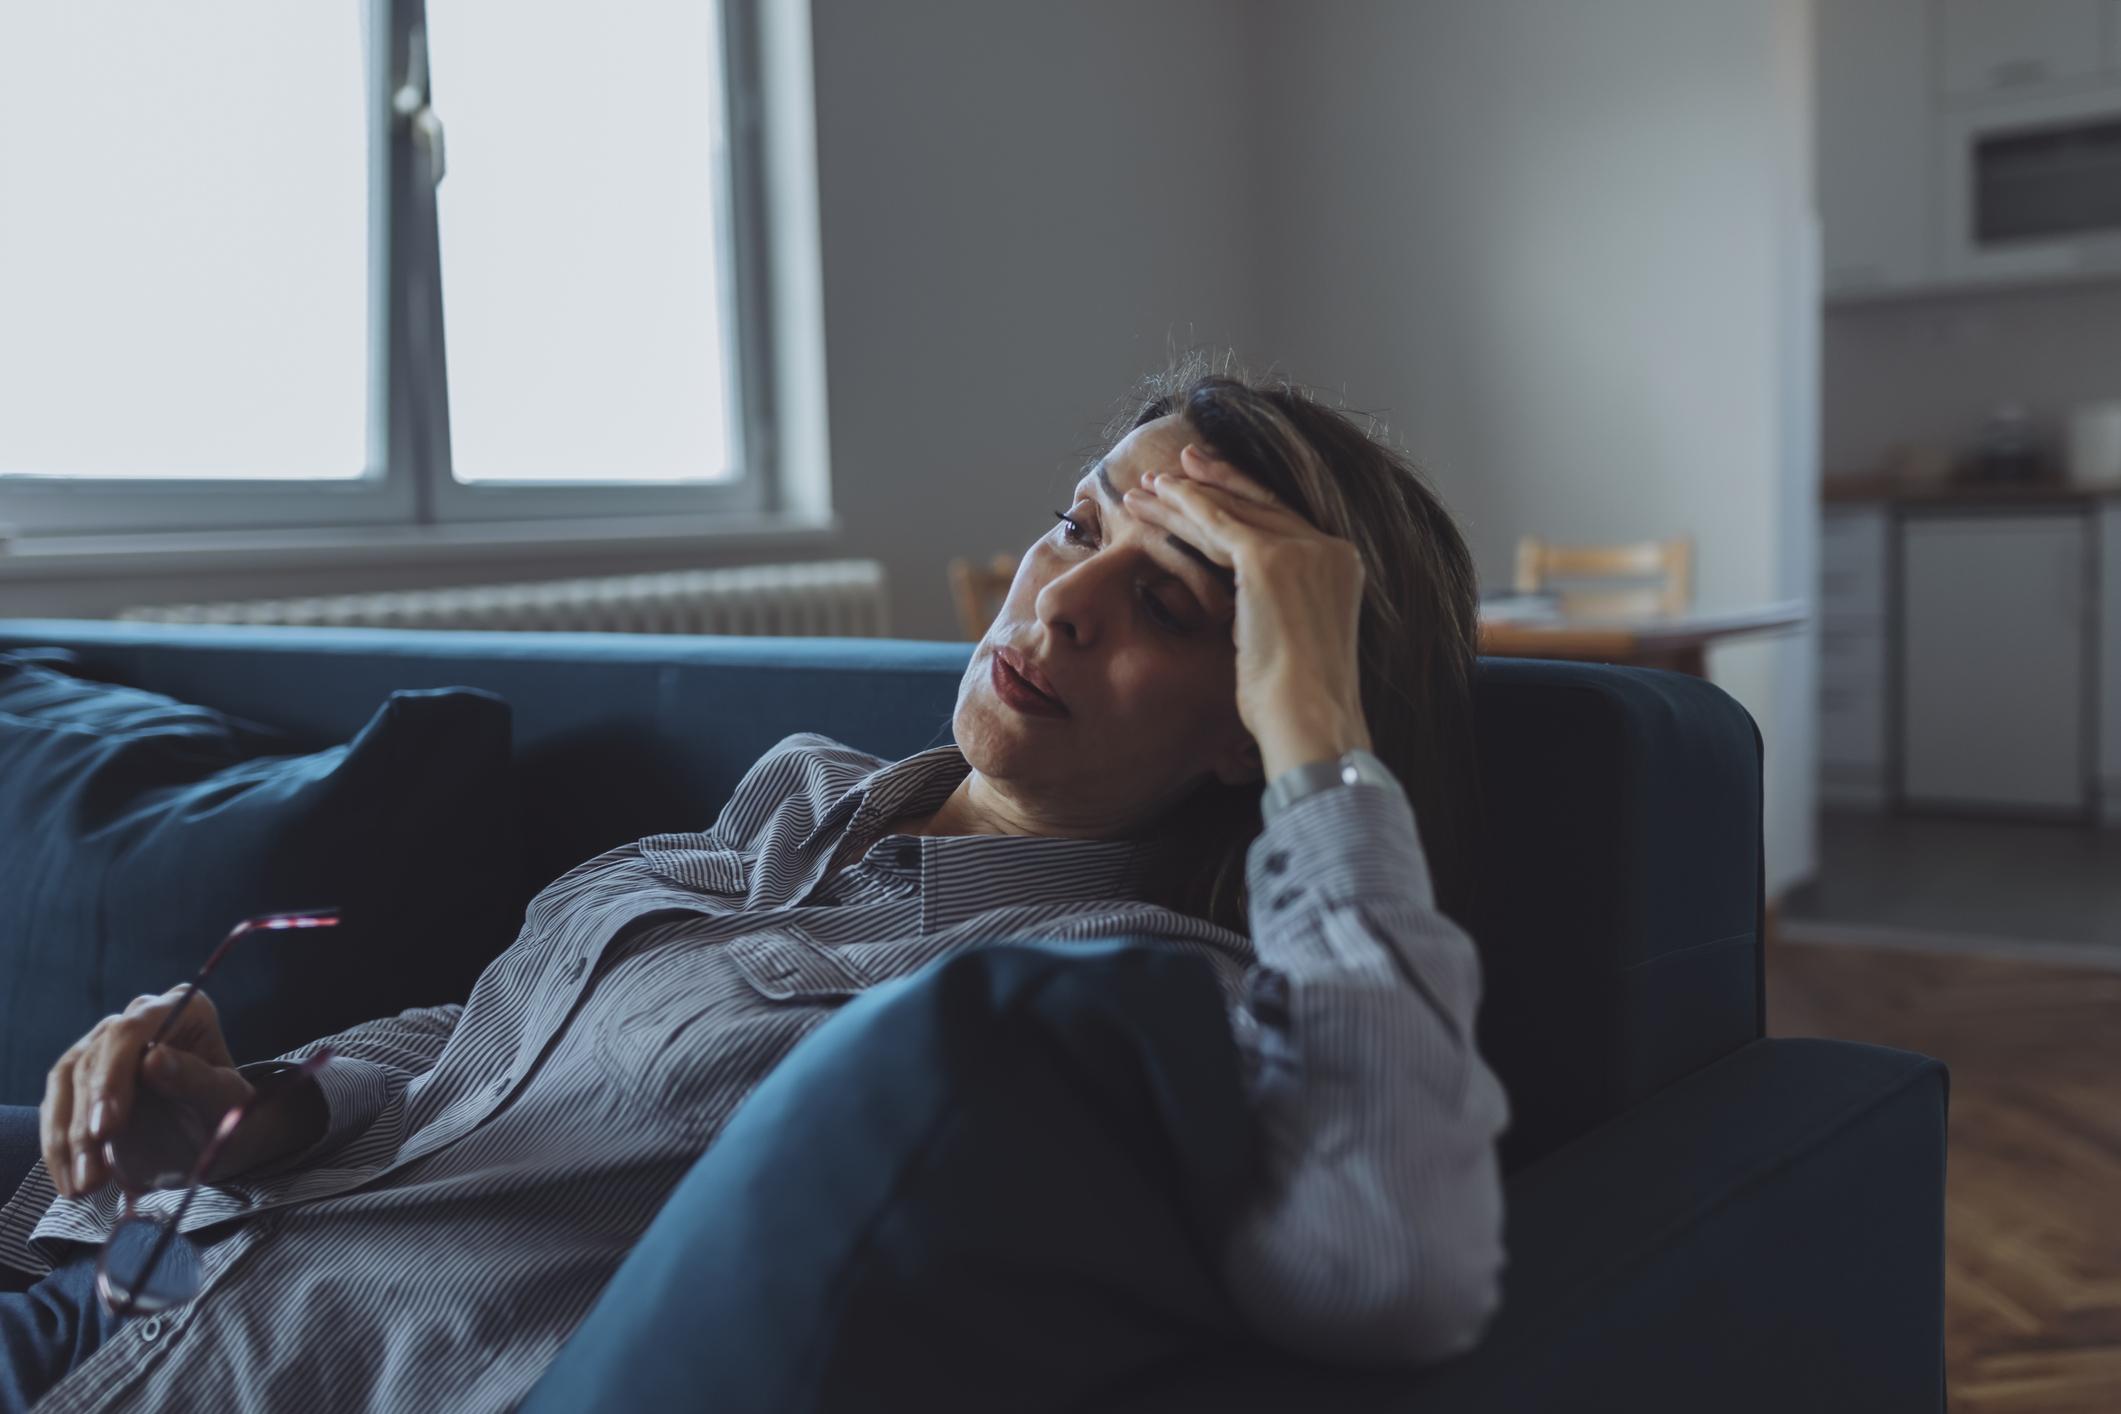 Kroničan stres ne bismo smjeli zanemariti, tim više što nam tijelo šalje očite signale da je vrijeme za promjene...